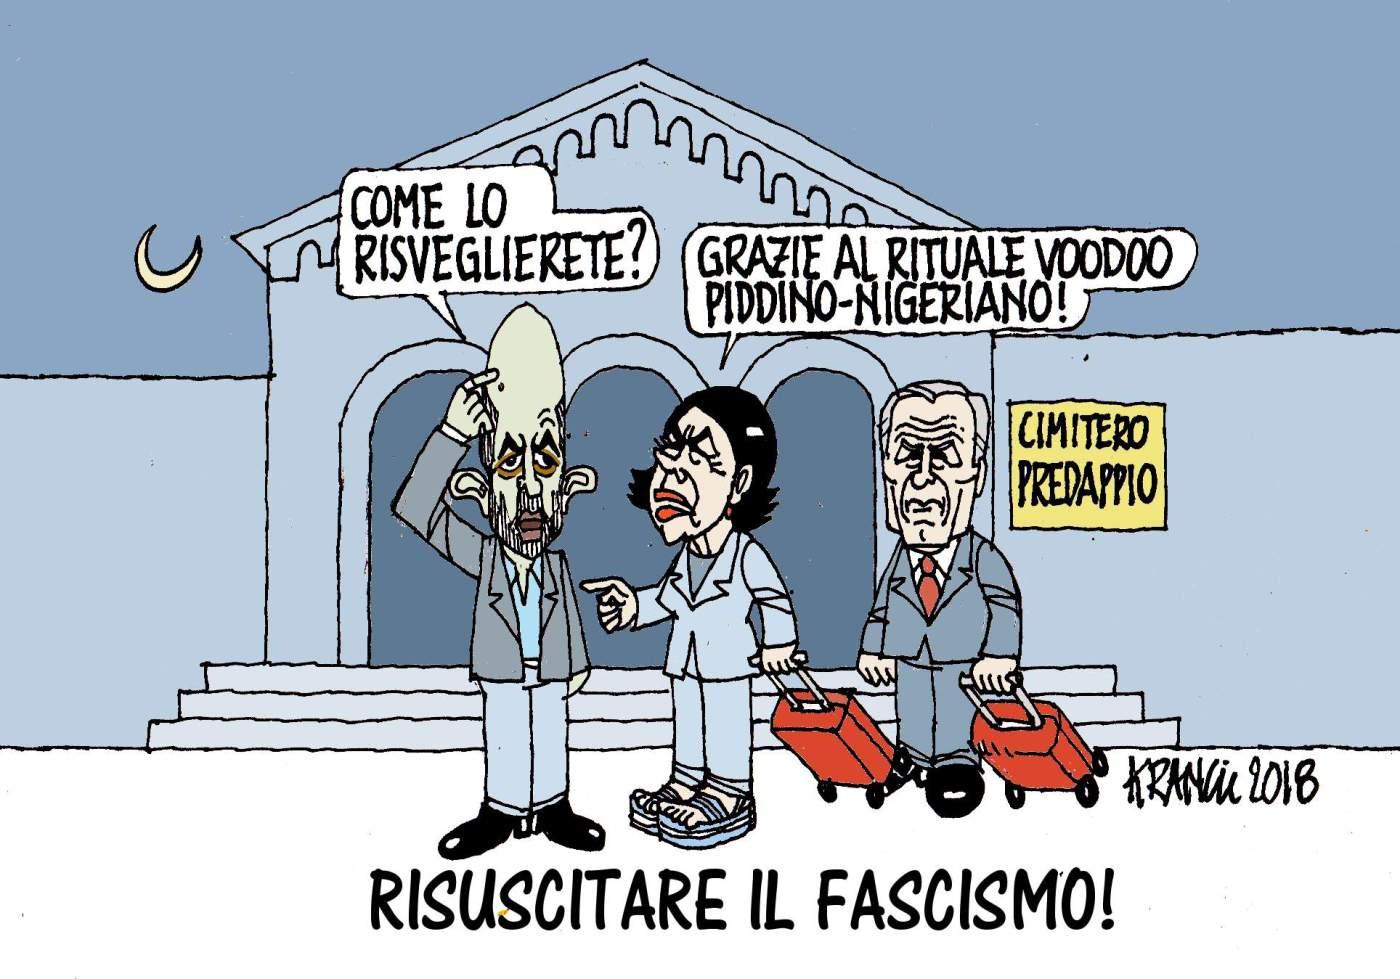 Macerata effetto boomerang dell antifascismo alla saviano for Cittadinanza italiana tempi di attesa 2018